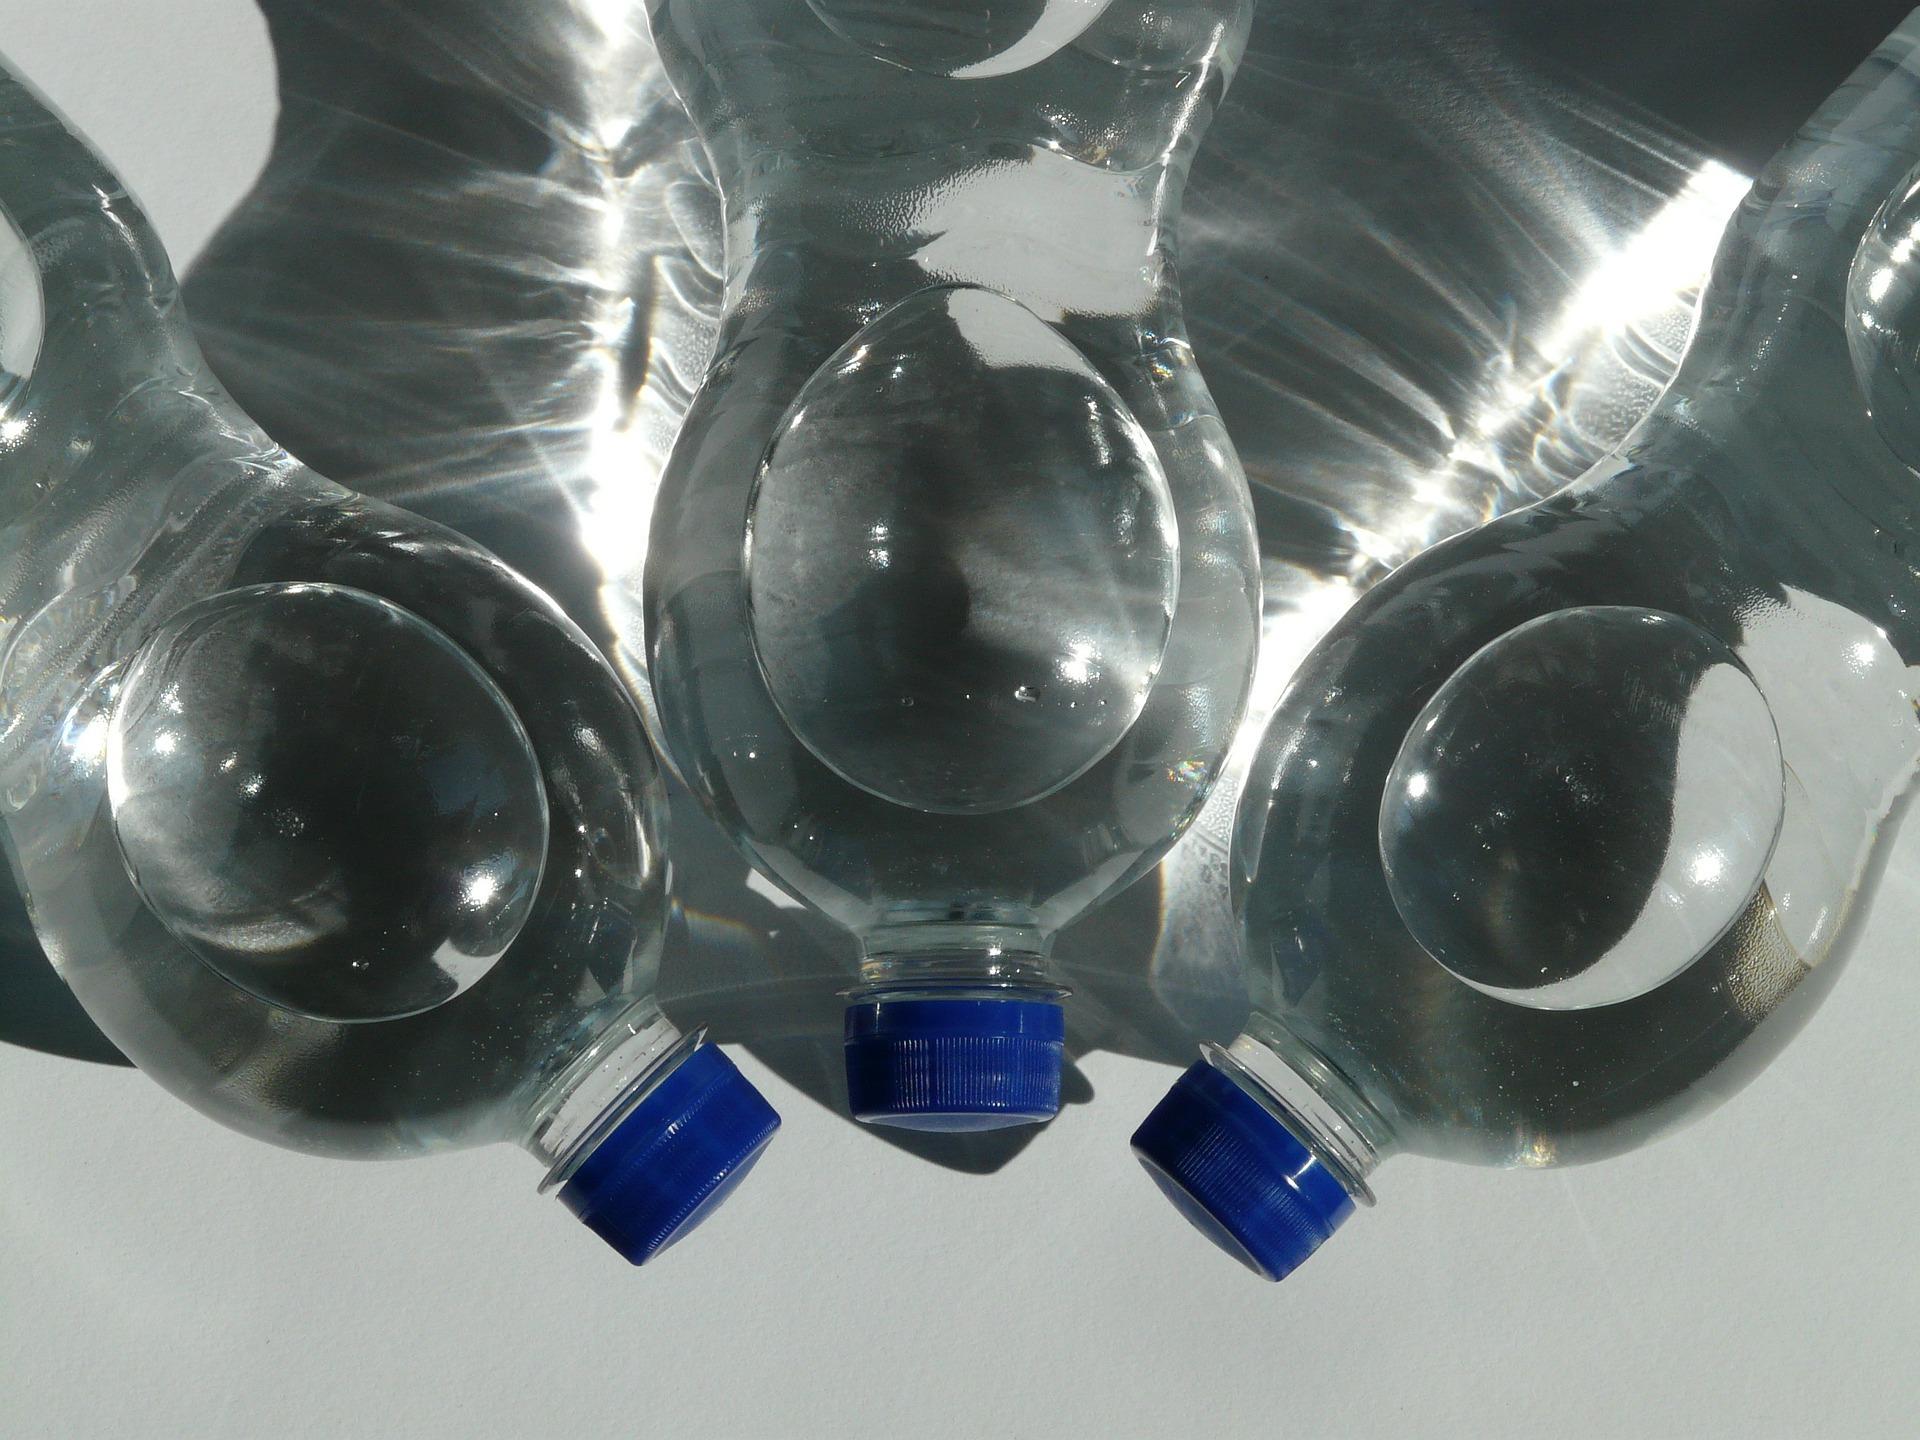 sodawasser selber machen der wassersprudler sodawasser. Black Bedroom Furniture Sets. Home Design Ideas